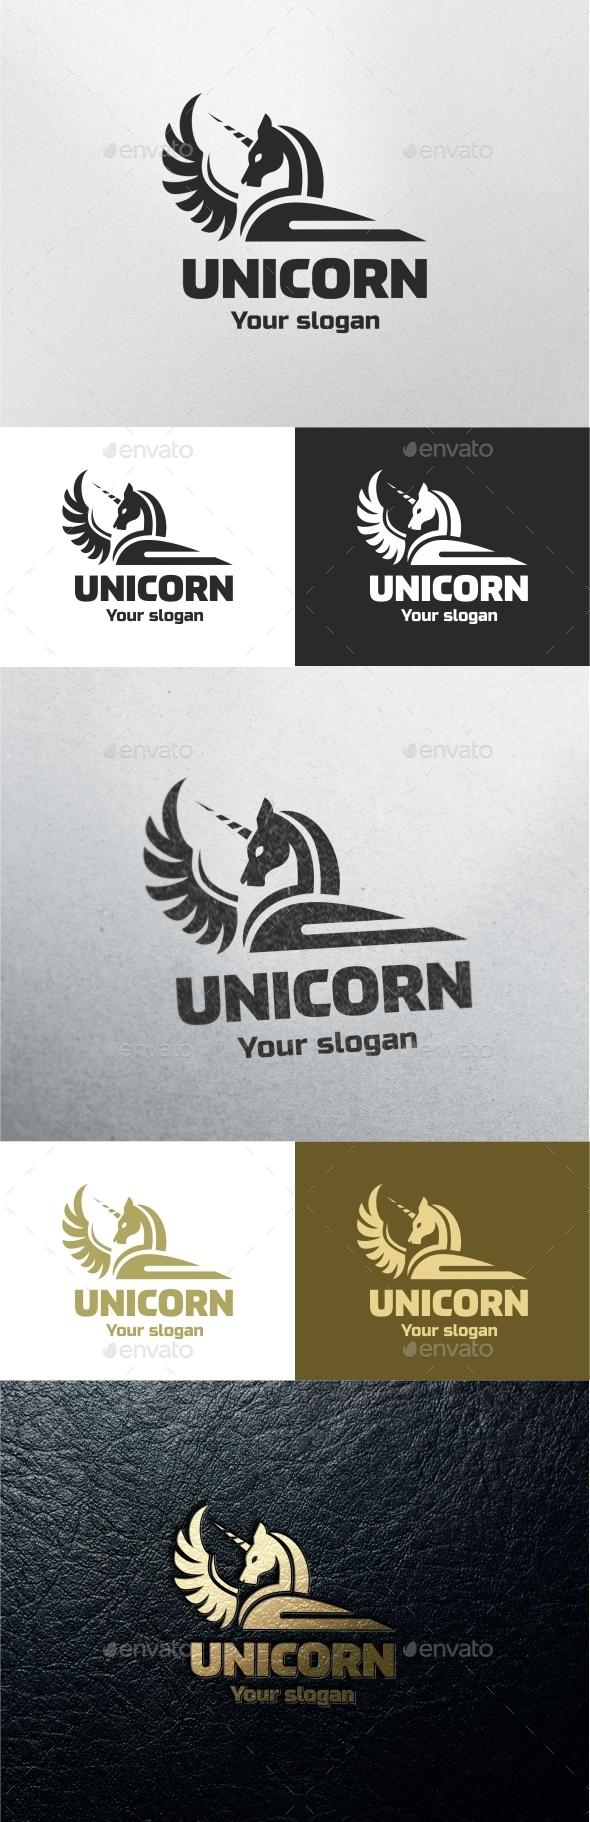 GraphicRiver Unicorn 11286629